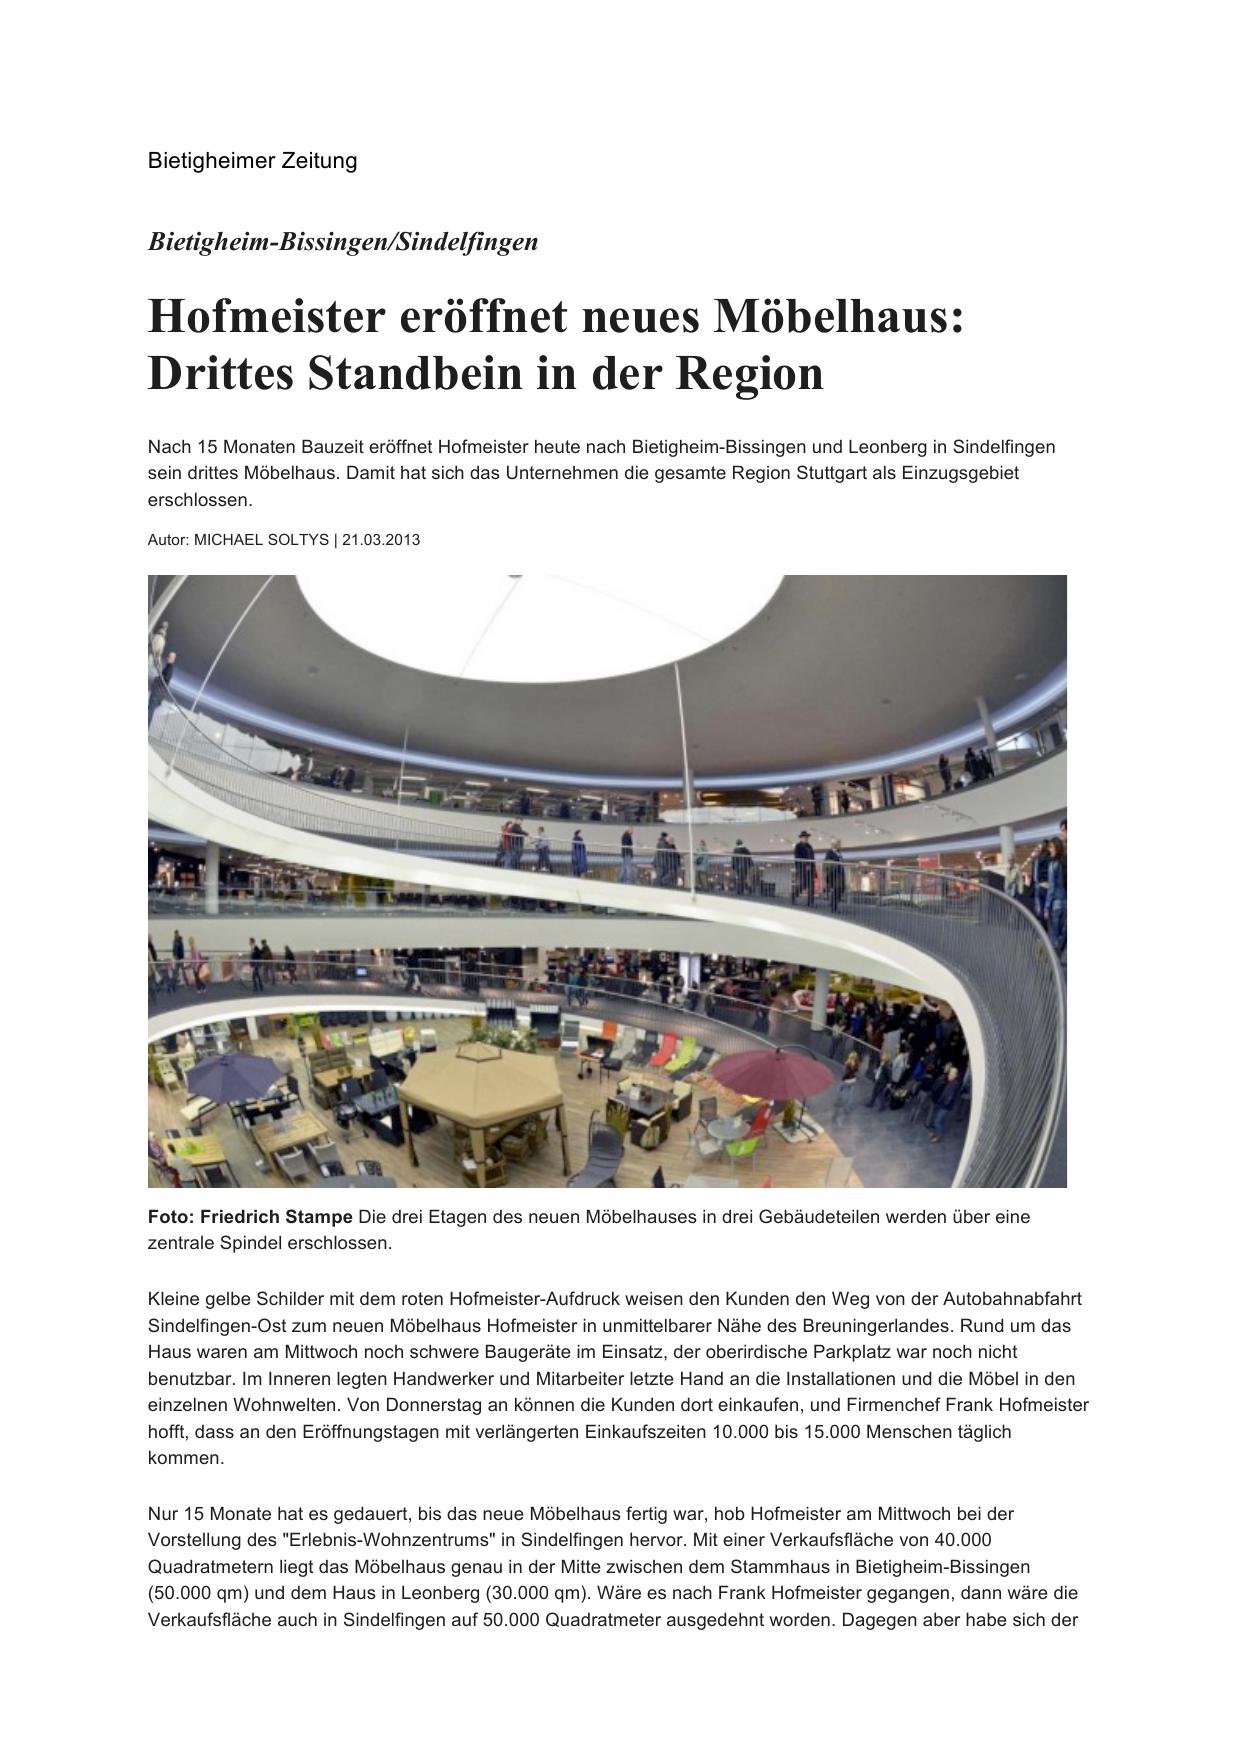 Hofmeister Eröffnet Neues Möbelhaus Drittes Standbein In Der Region